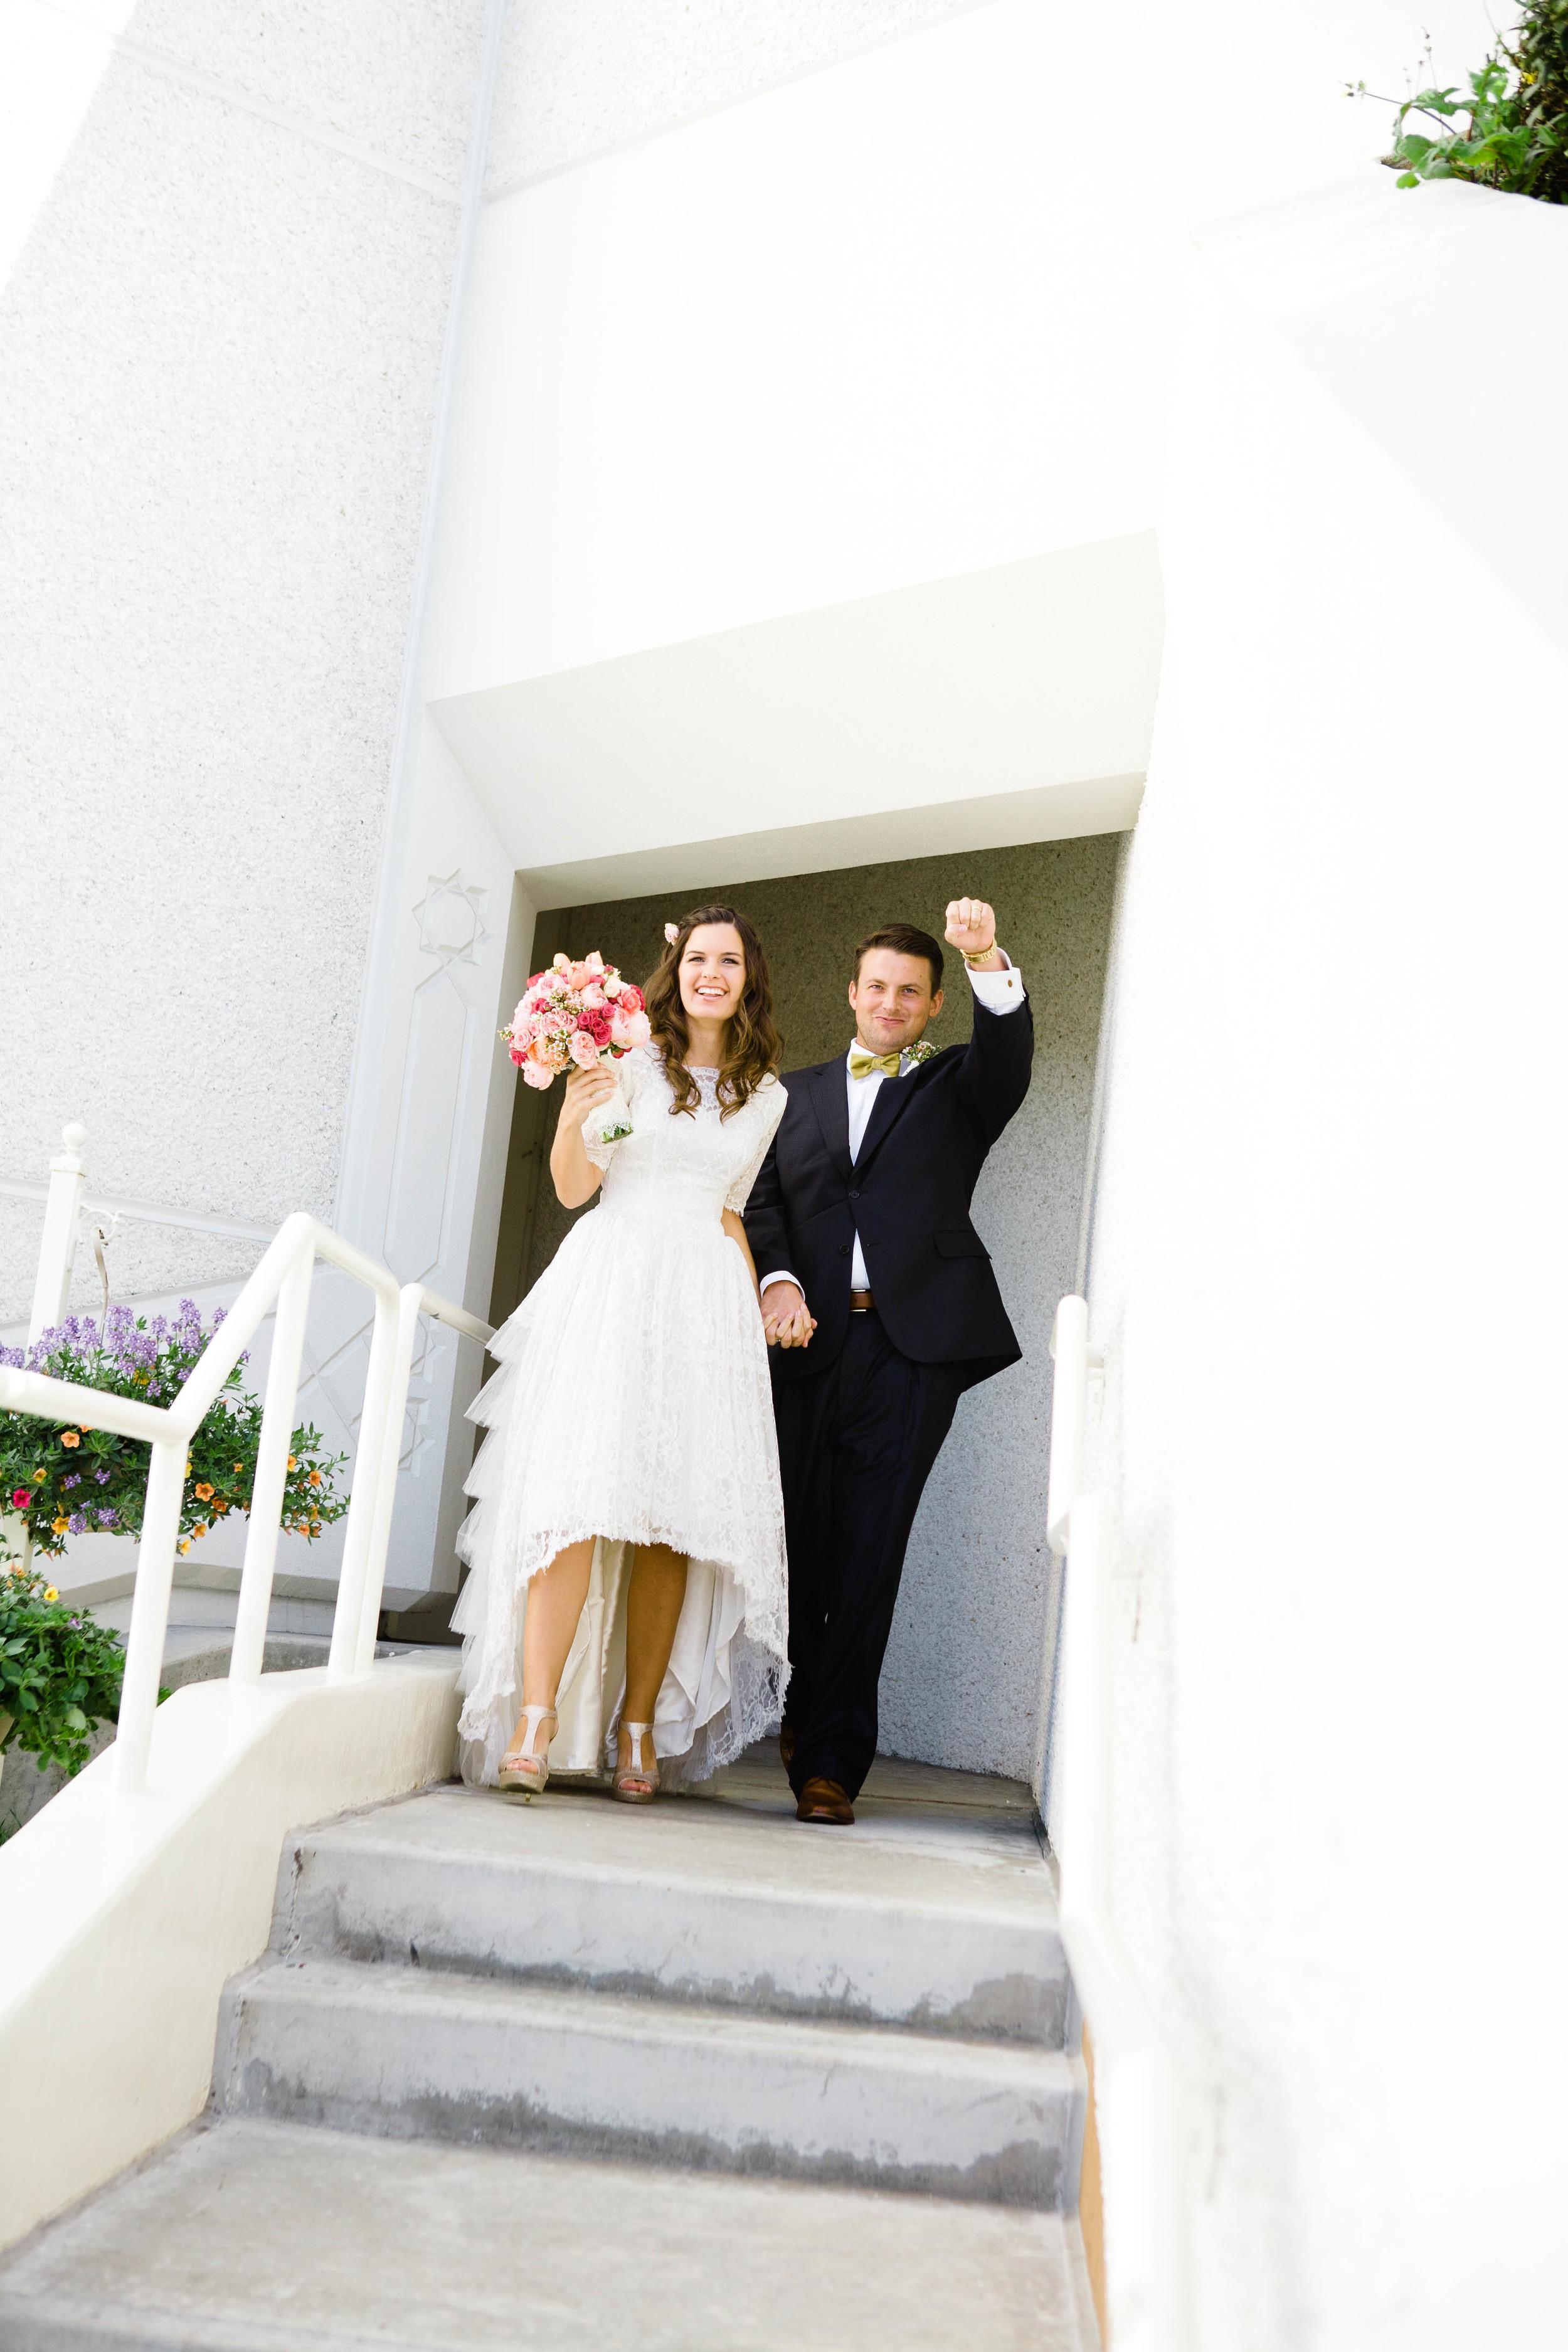 Jarman Wedding_016-1.jpg